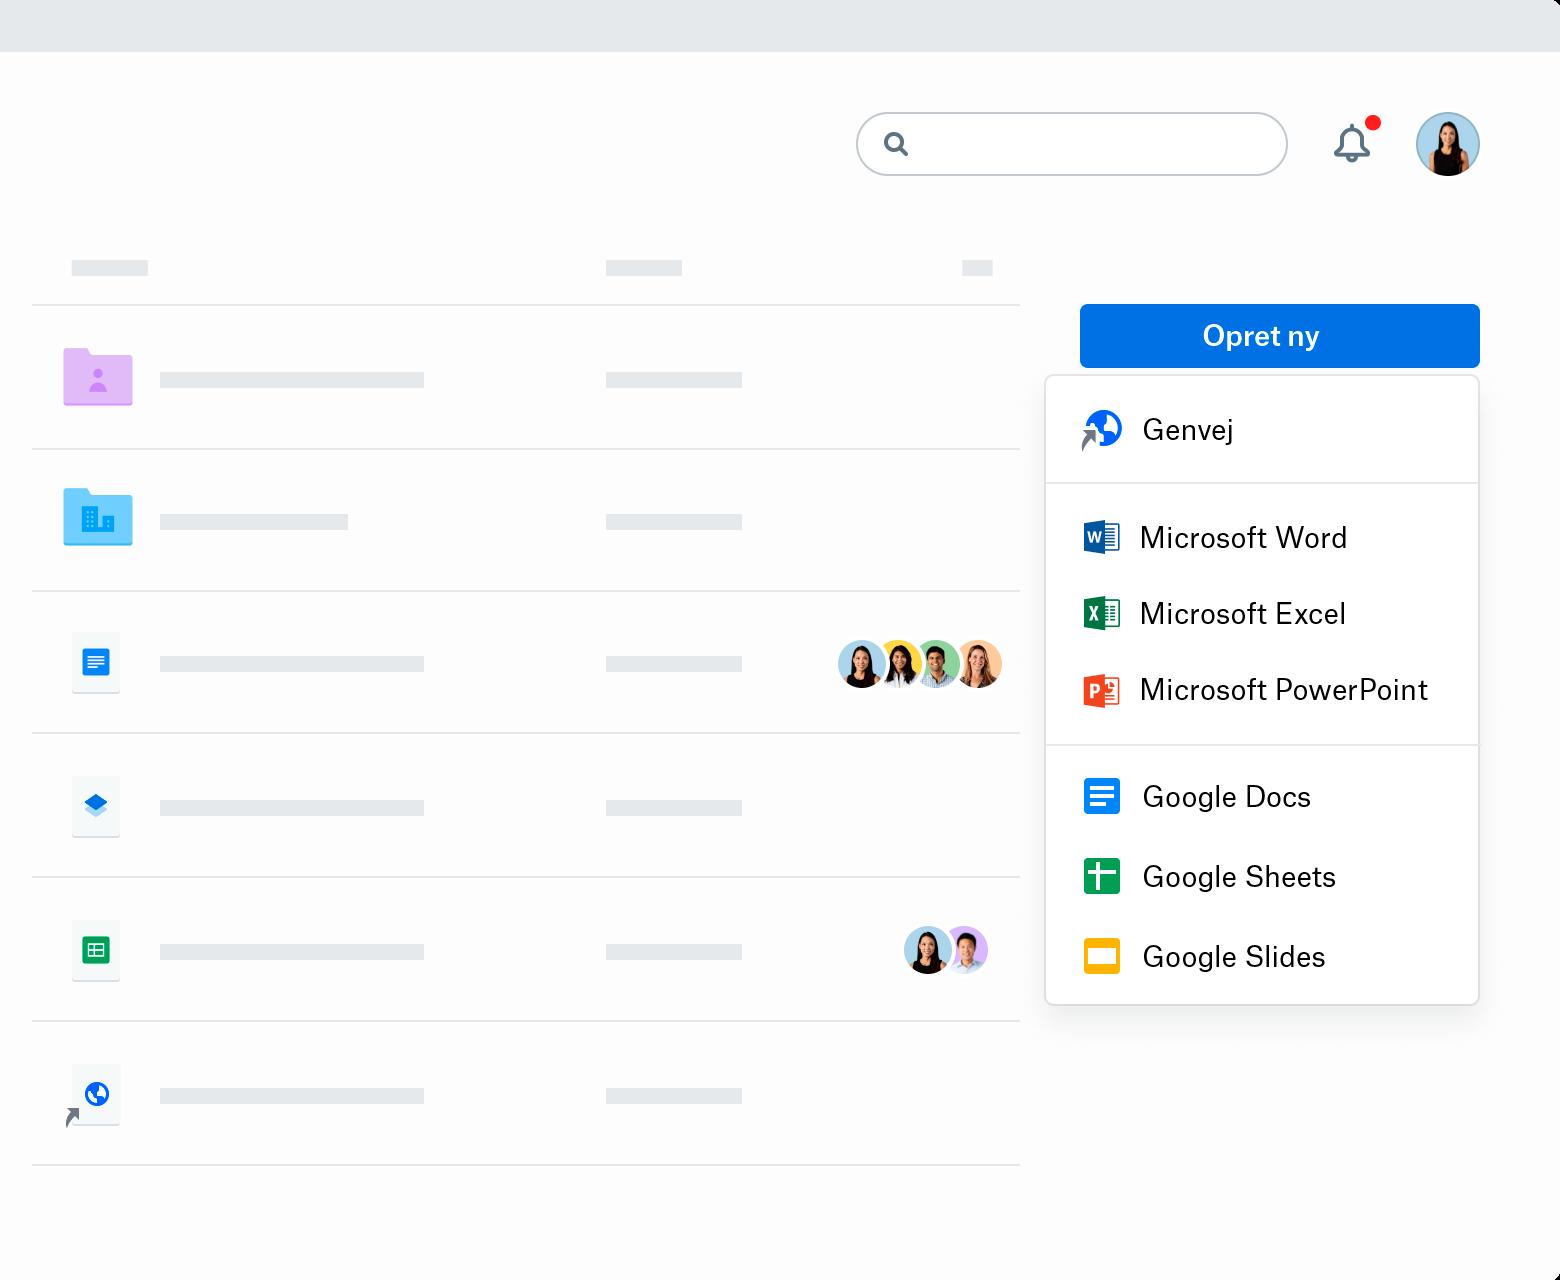 """Et skærmbillede af rullemenuen """"Opret ny"""" på Dropbox.com. Rullemenuen indeholder Genvej, Microsoft Word, Microsoft Excel, Microsoft PowerPoint, Google Docs, Google Sheets og Google Slides."""